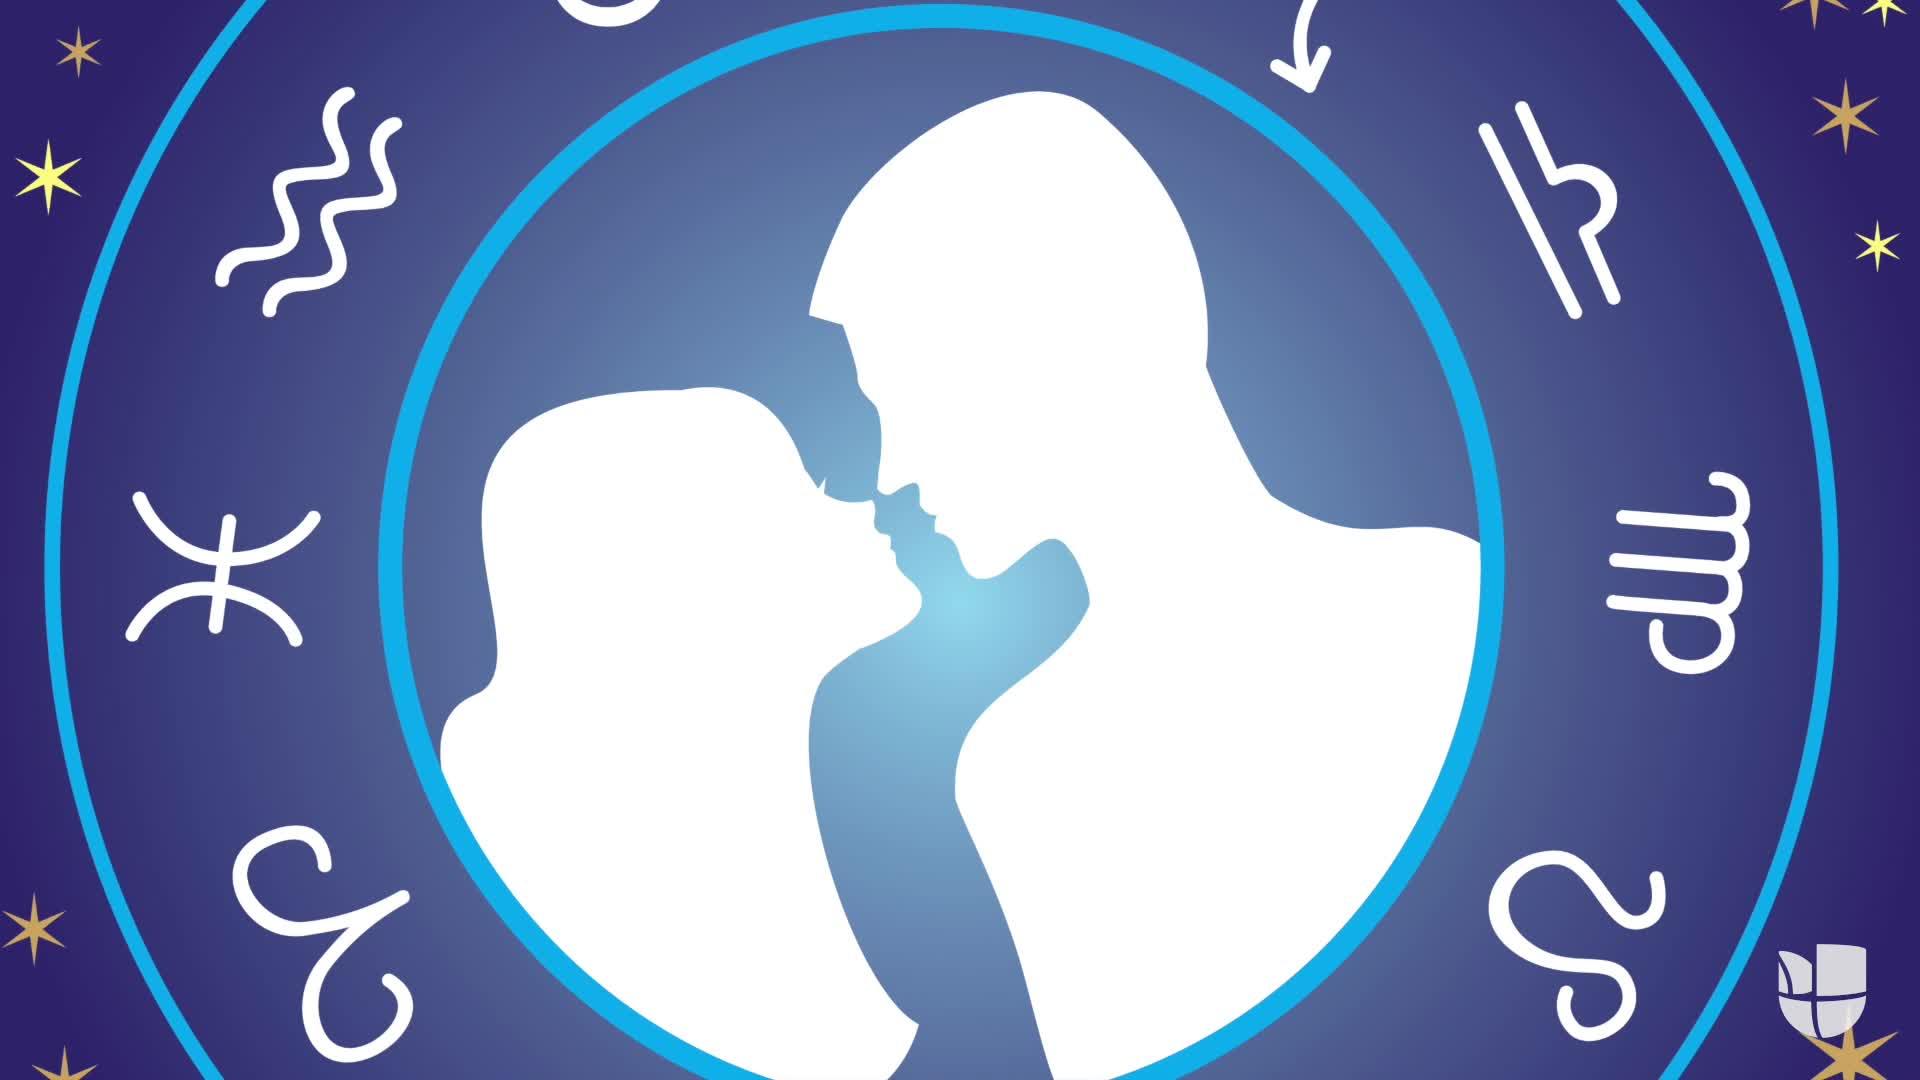 Водолей и Близнецы совместимость в любви браке дружбе и работе